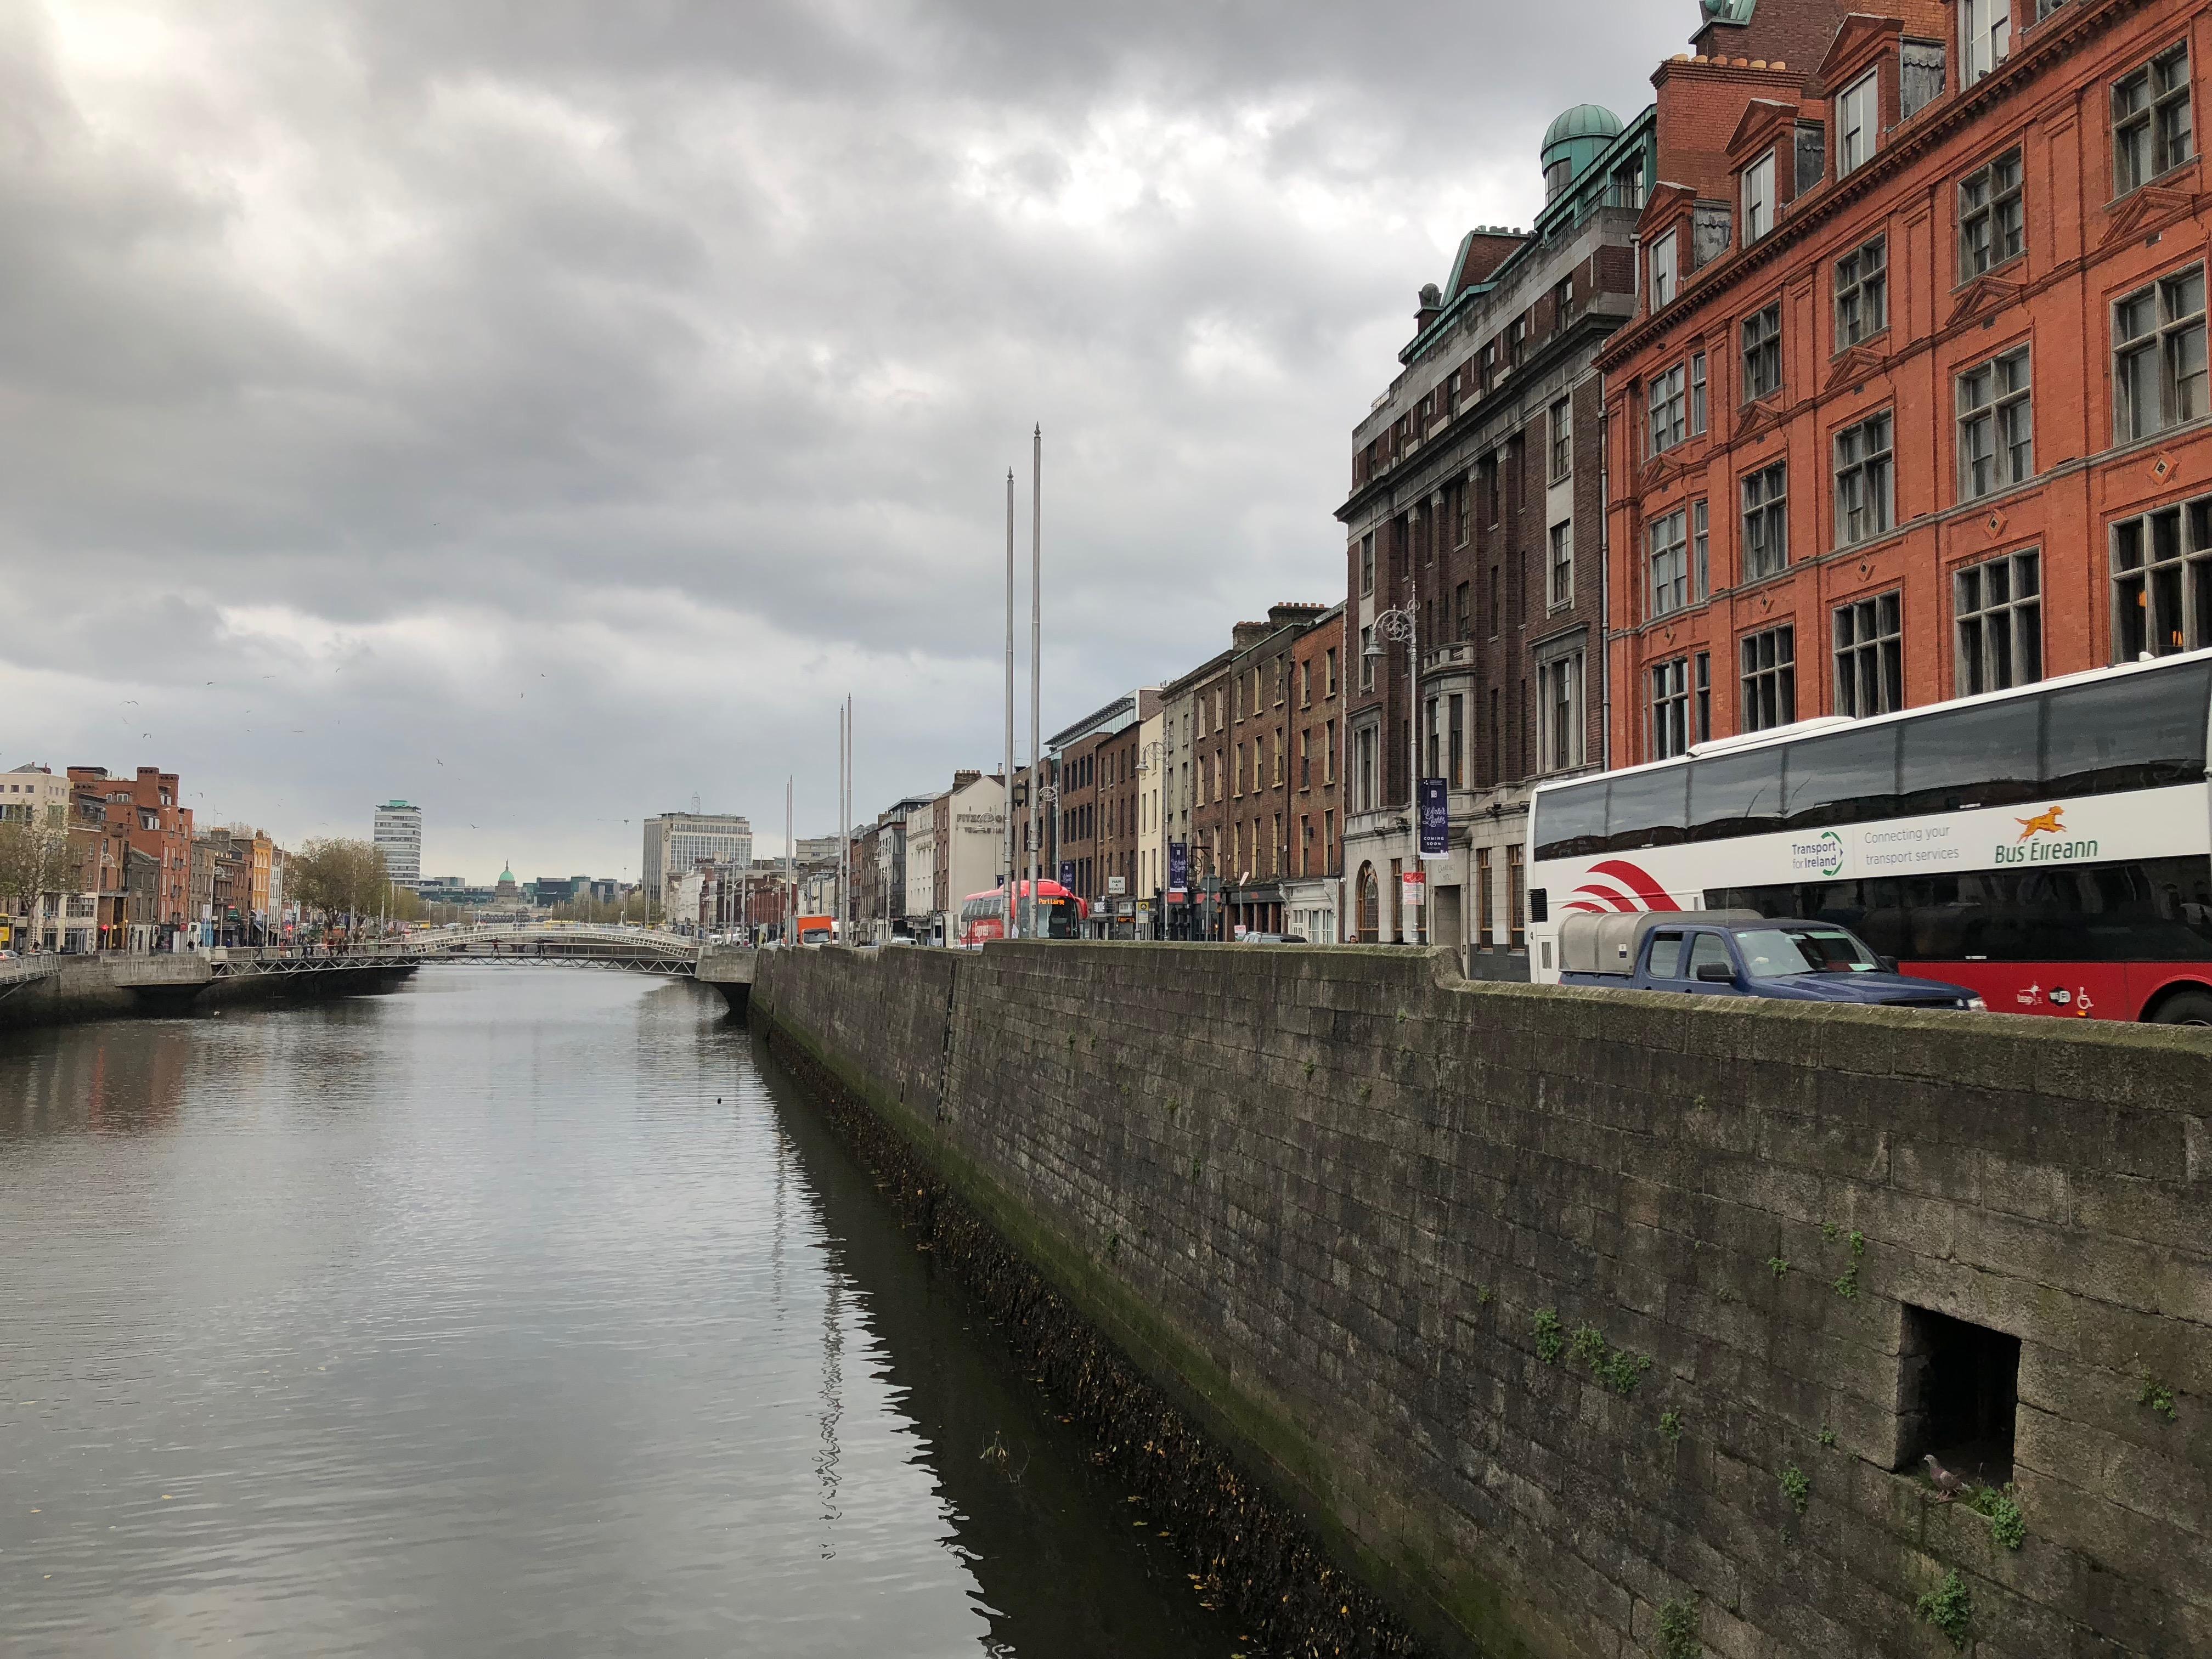 アイルランド街並み2